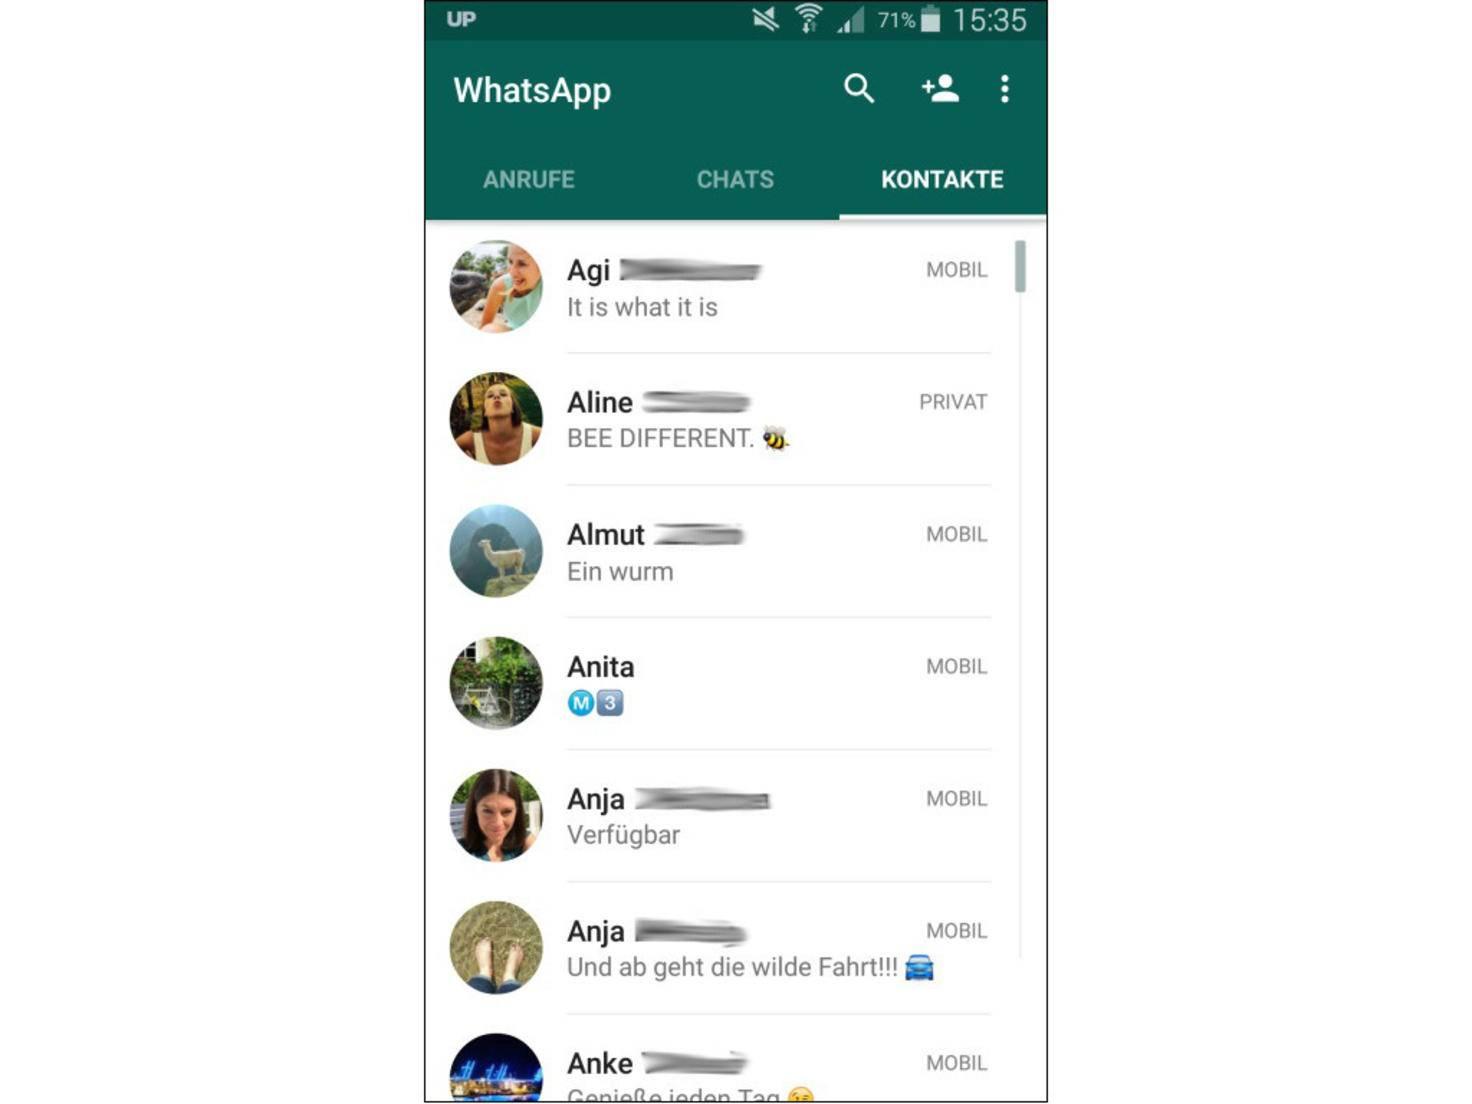 Whatsapp Profilbild Einstellen Tab 3 2019 08 15